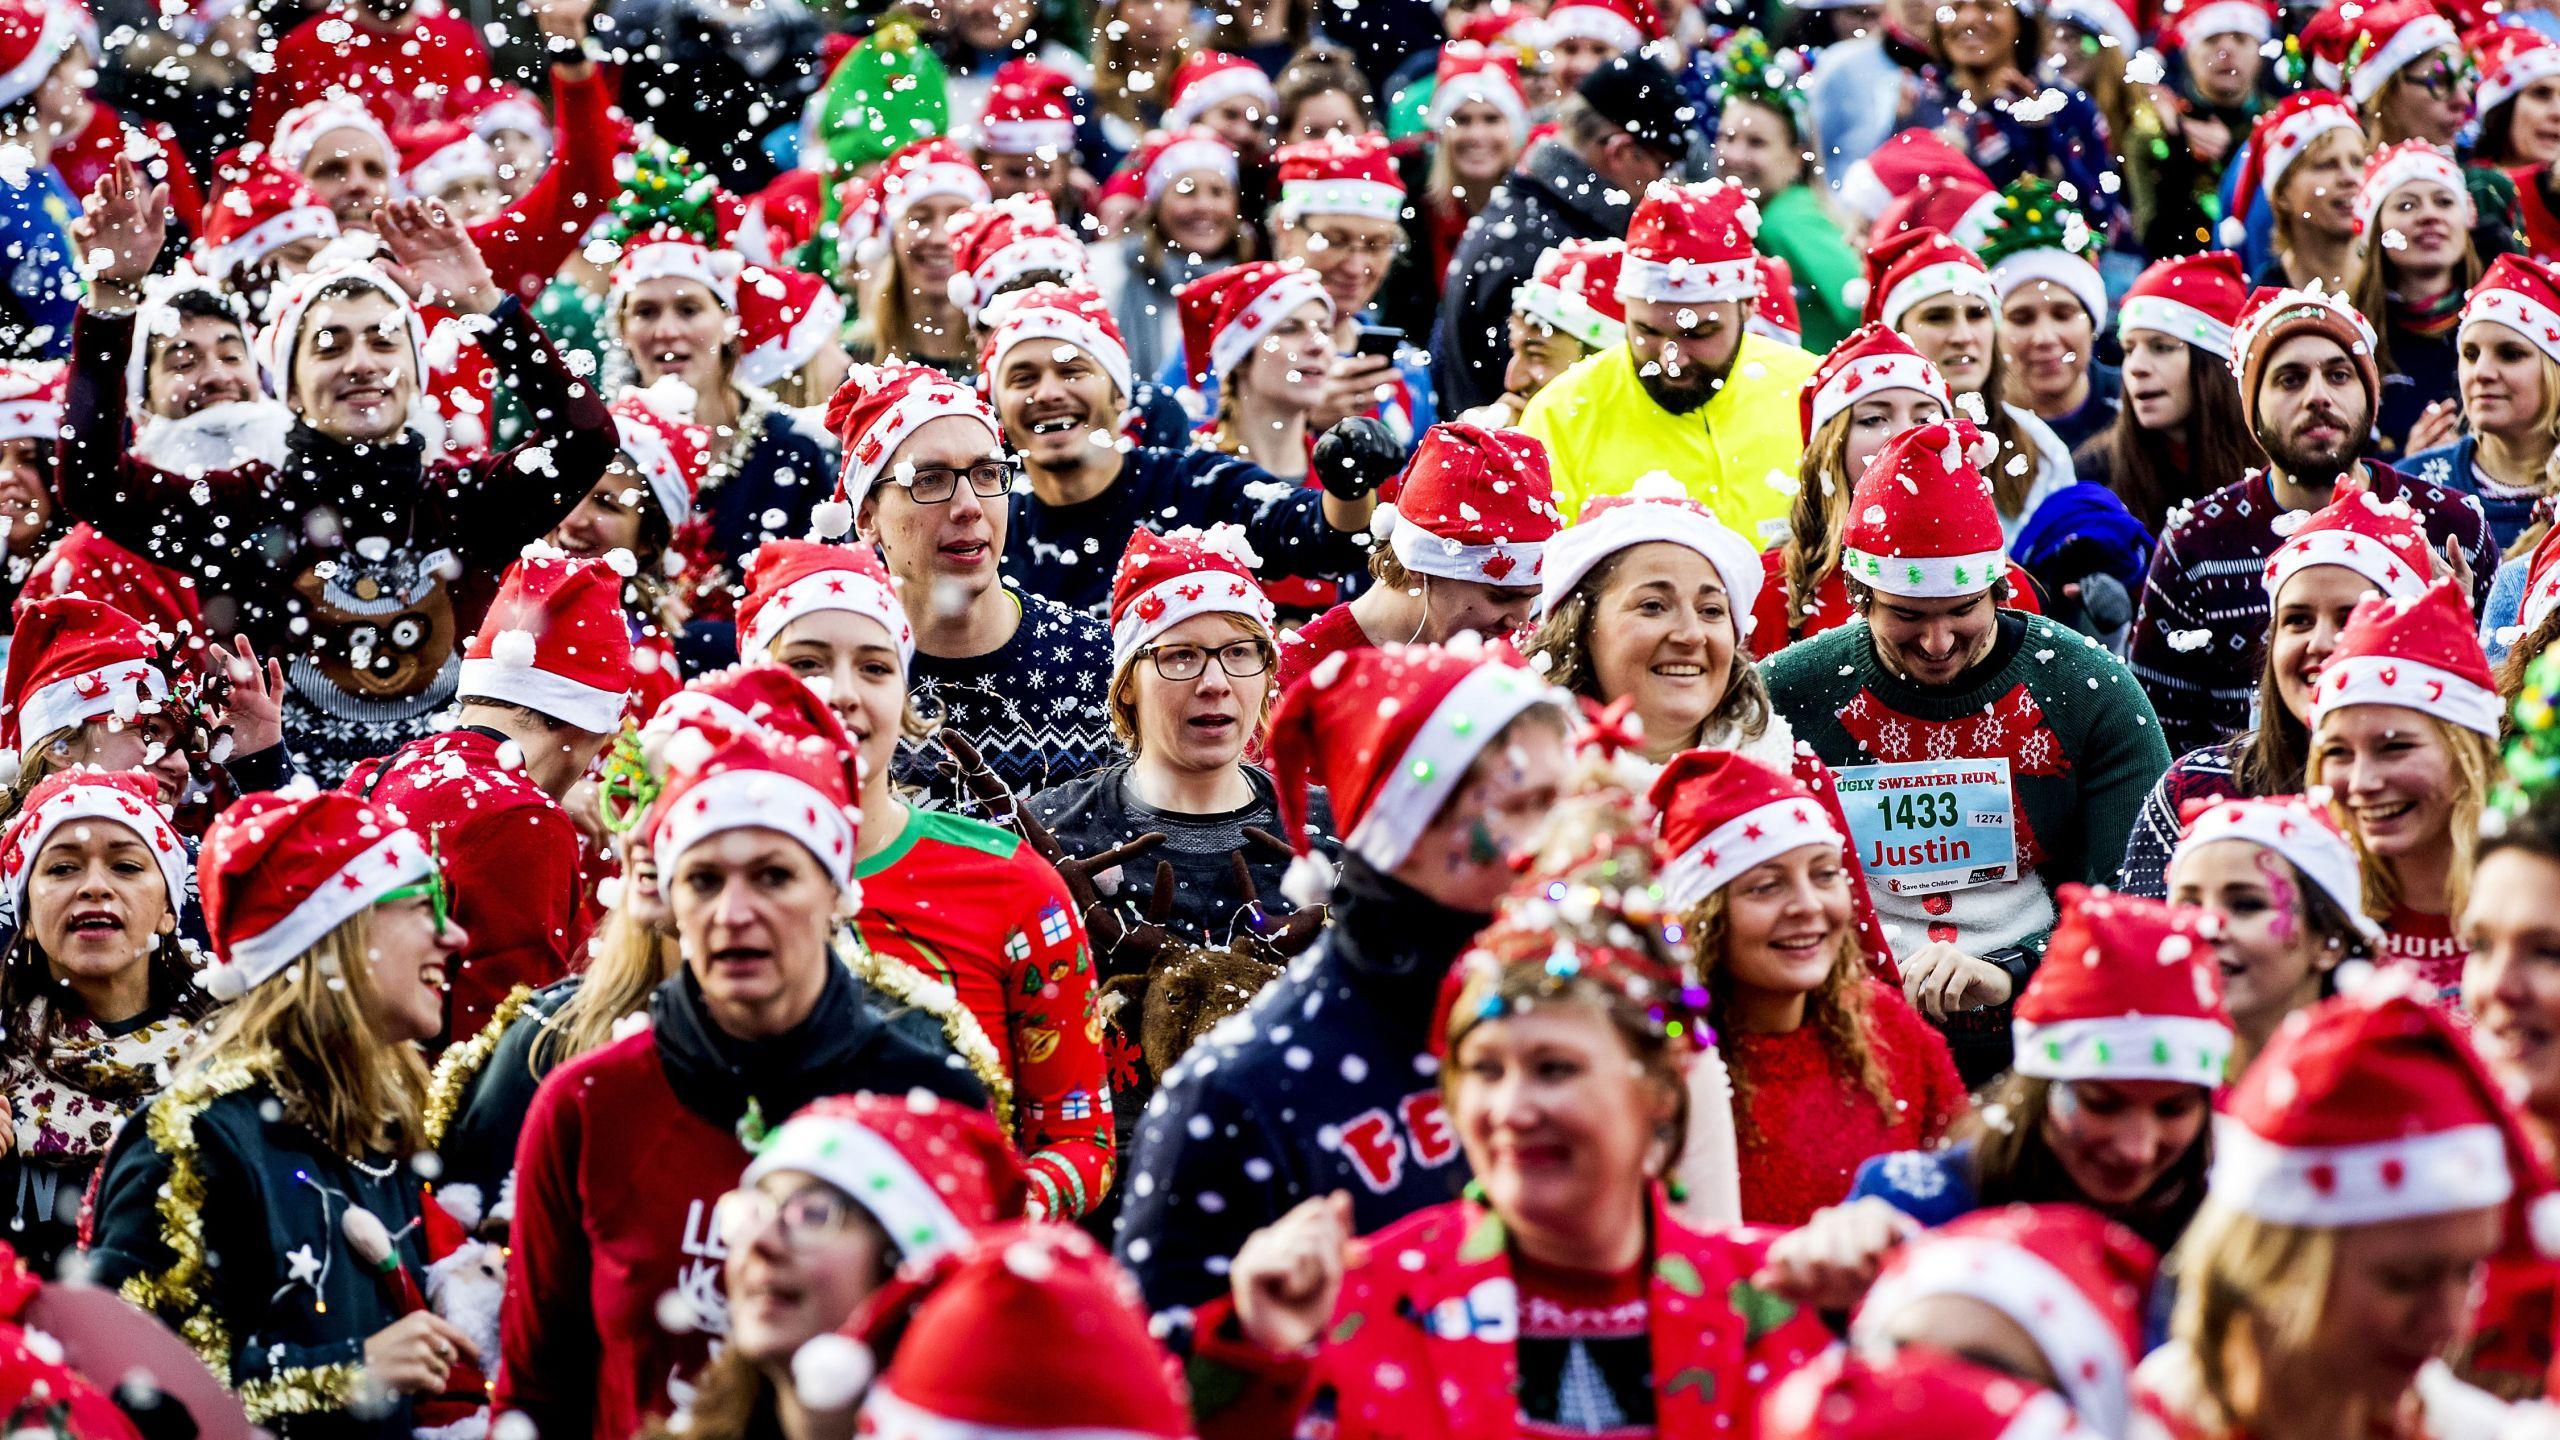 People take part in an Ugly Christmas Sweater Run on December 16, 2017, in The Vondelpark in Amsterdam. (Credit: KOEN VAN WEEL/AFP via Getty Images)